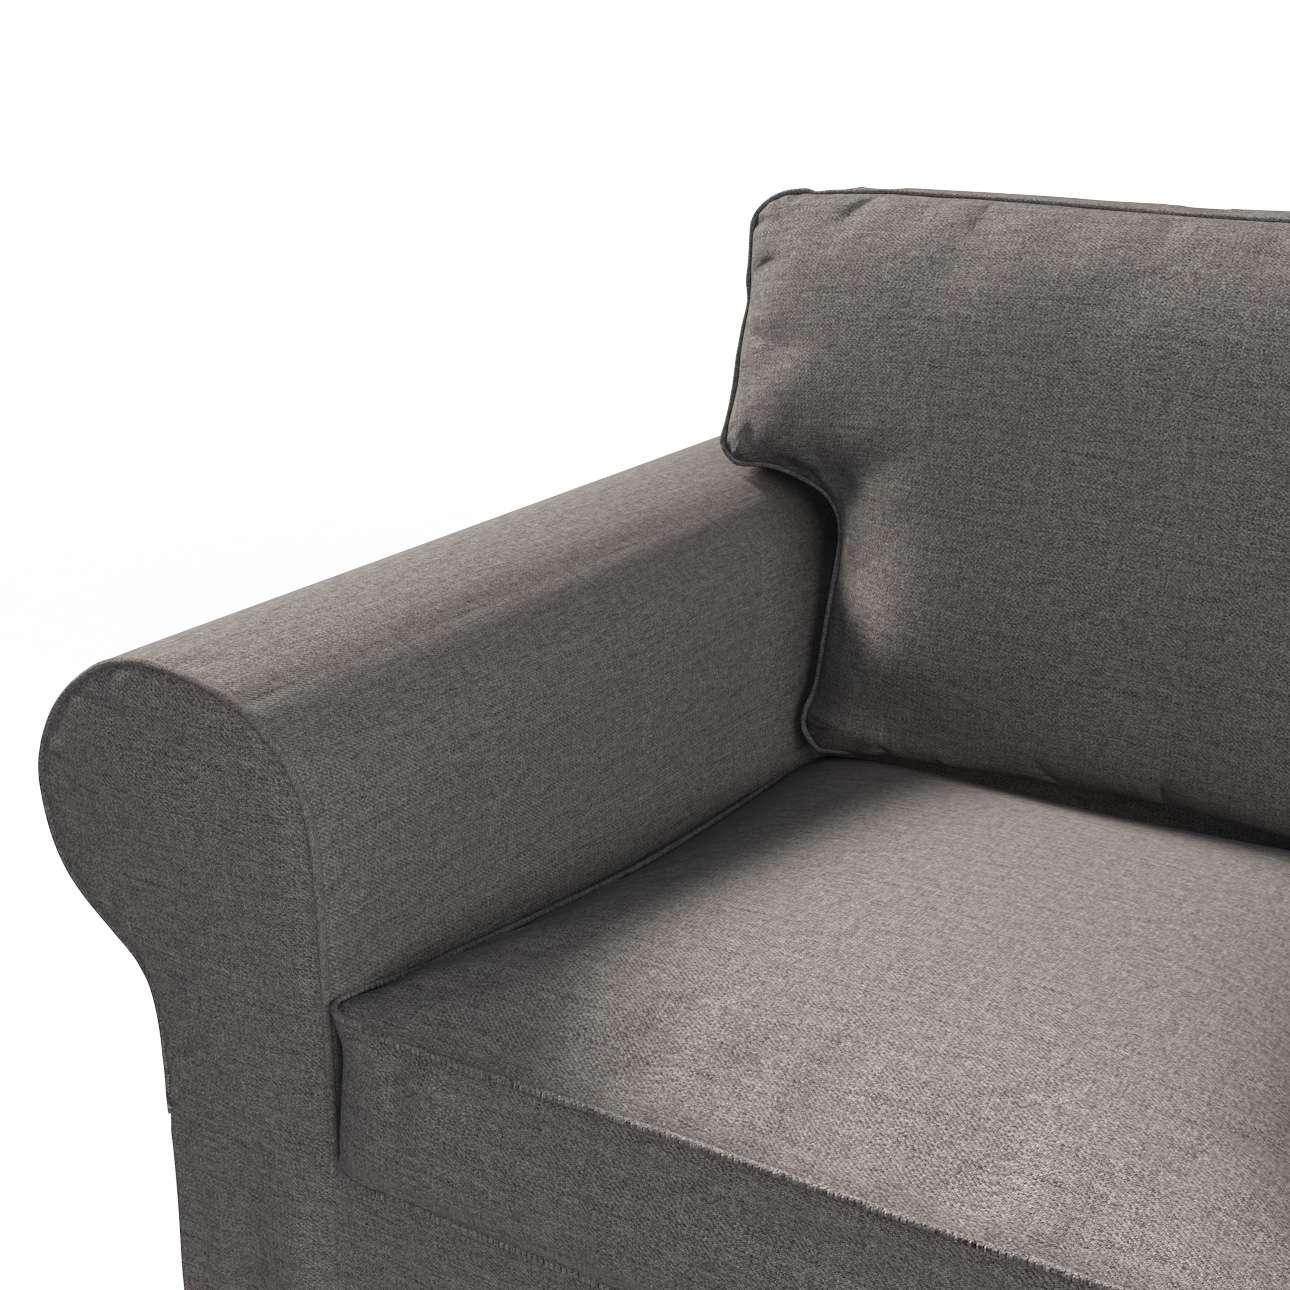 Pokrowiec na sofę Ektorp 2-osobową rozkładana NOWY MODEL 2012 sofa ektorp 2-osobowa rozkładana NOWY MODEL w kolekcji Edinburgh, tkanina: 115-77